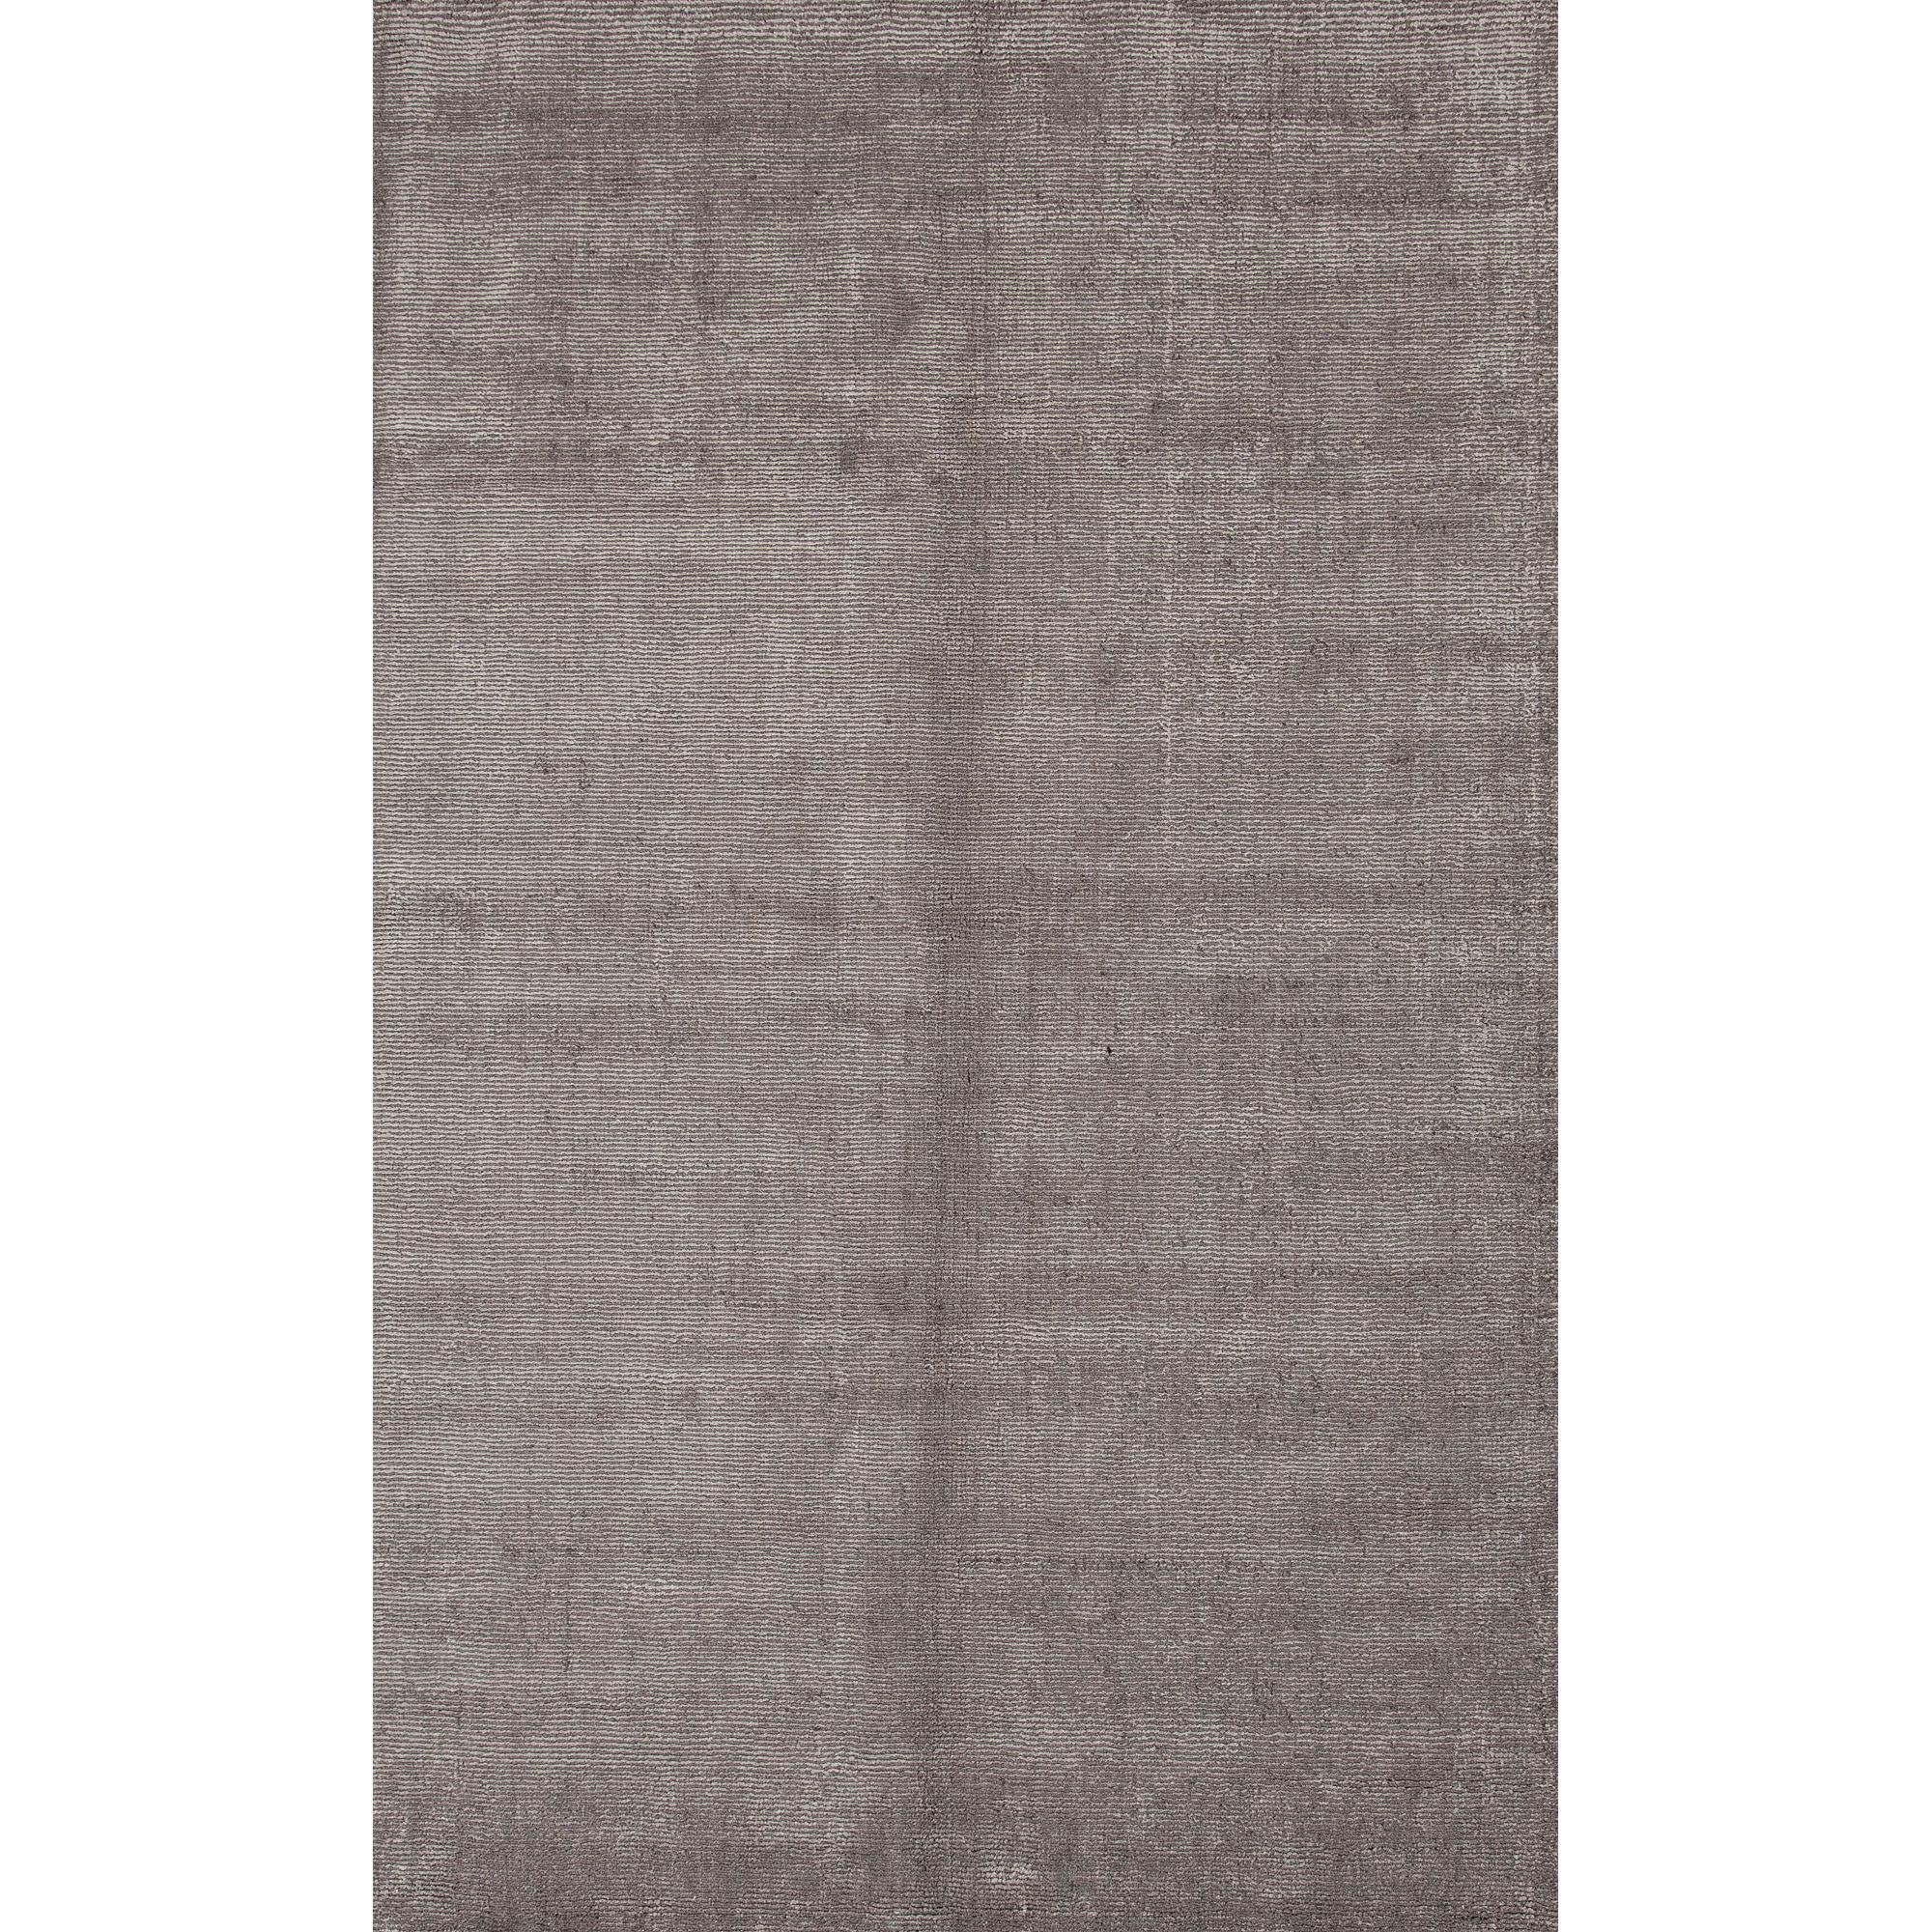 JAIPUR Rugs Konstrukt 9 x 13 Rug - Item Number: RUG102375